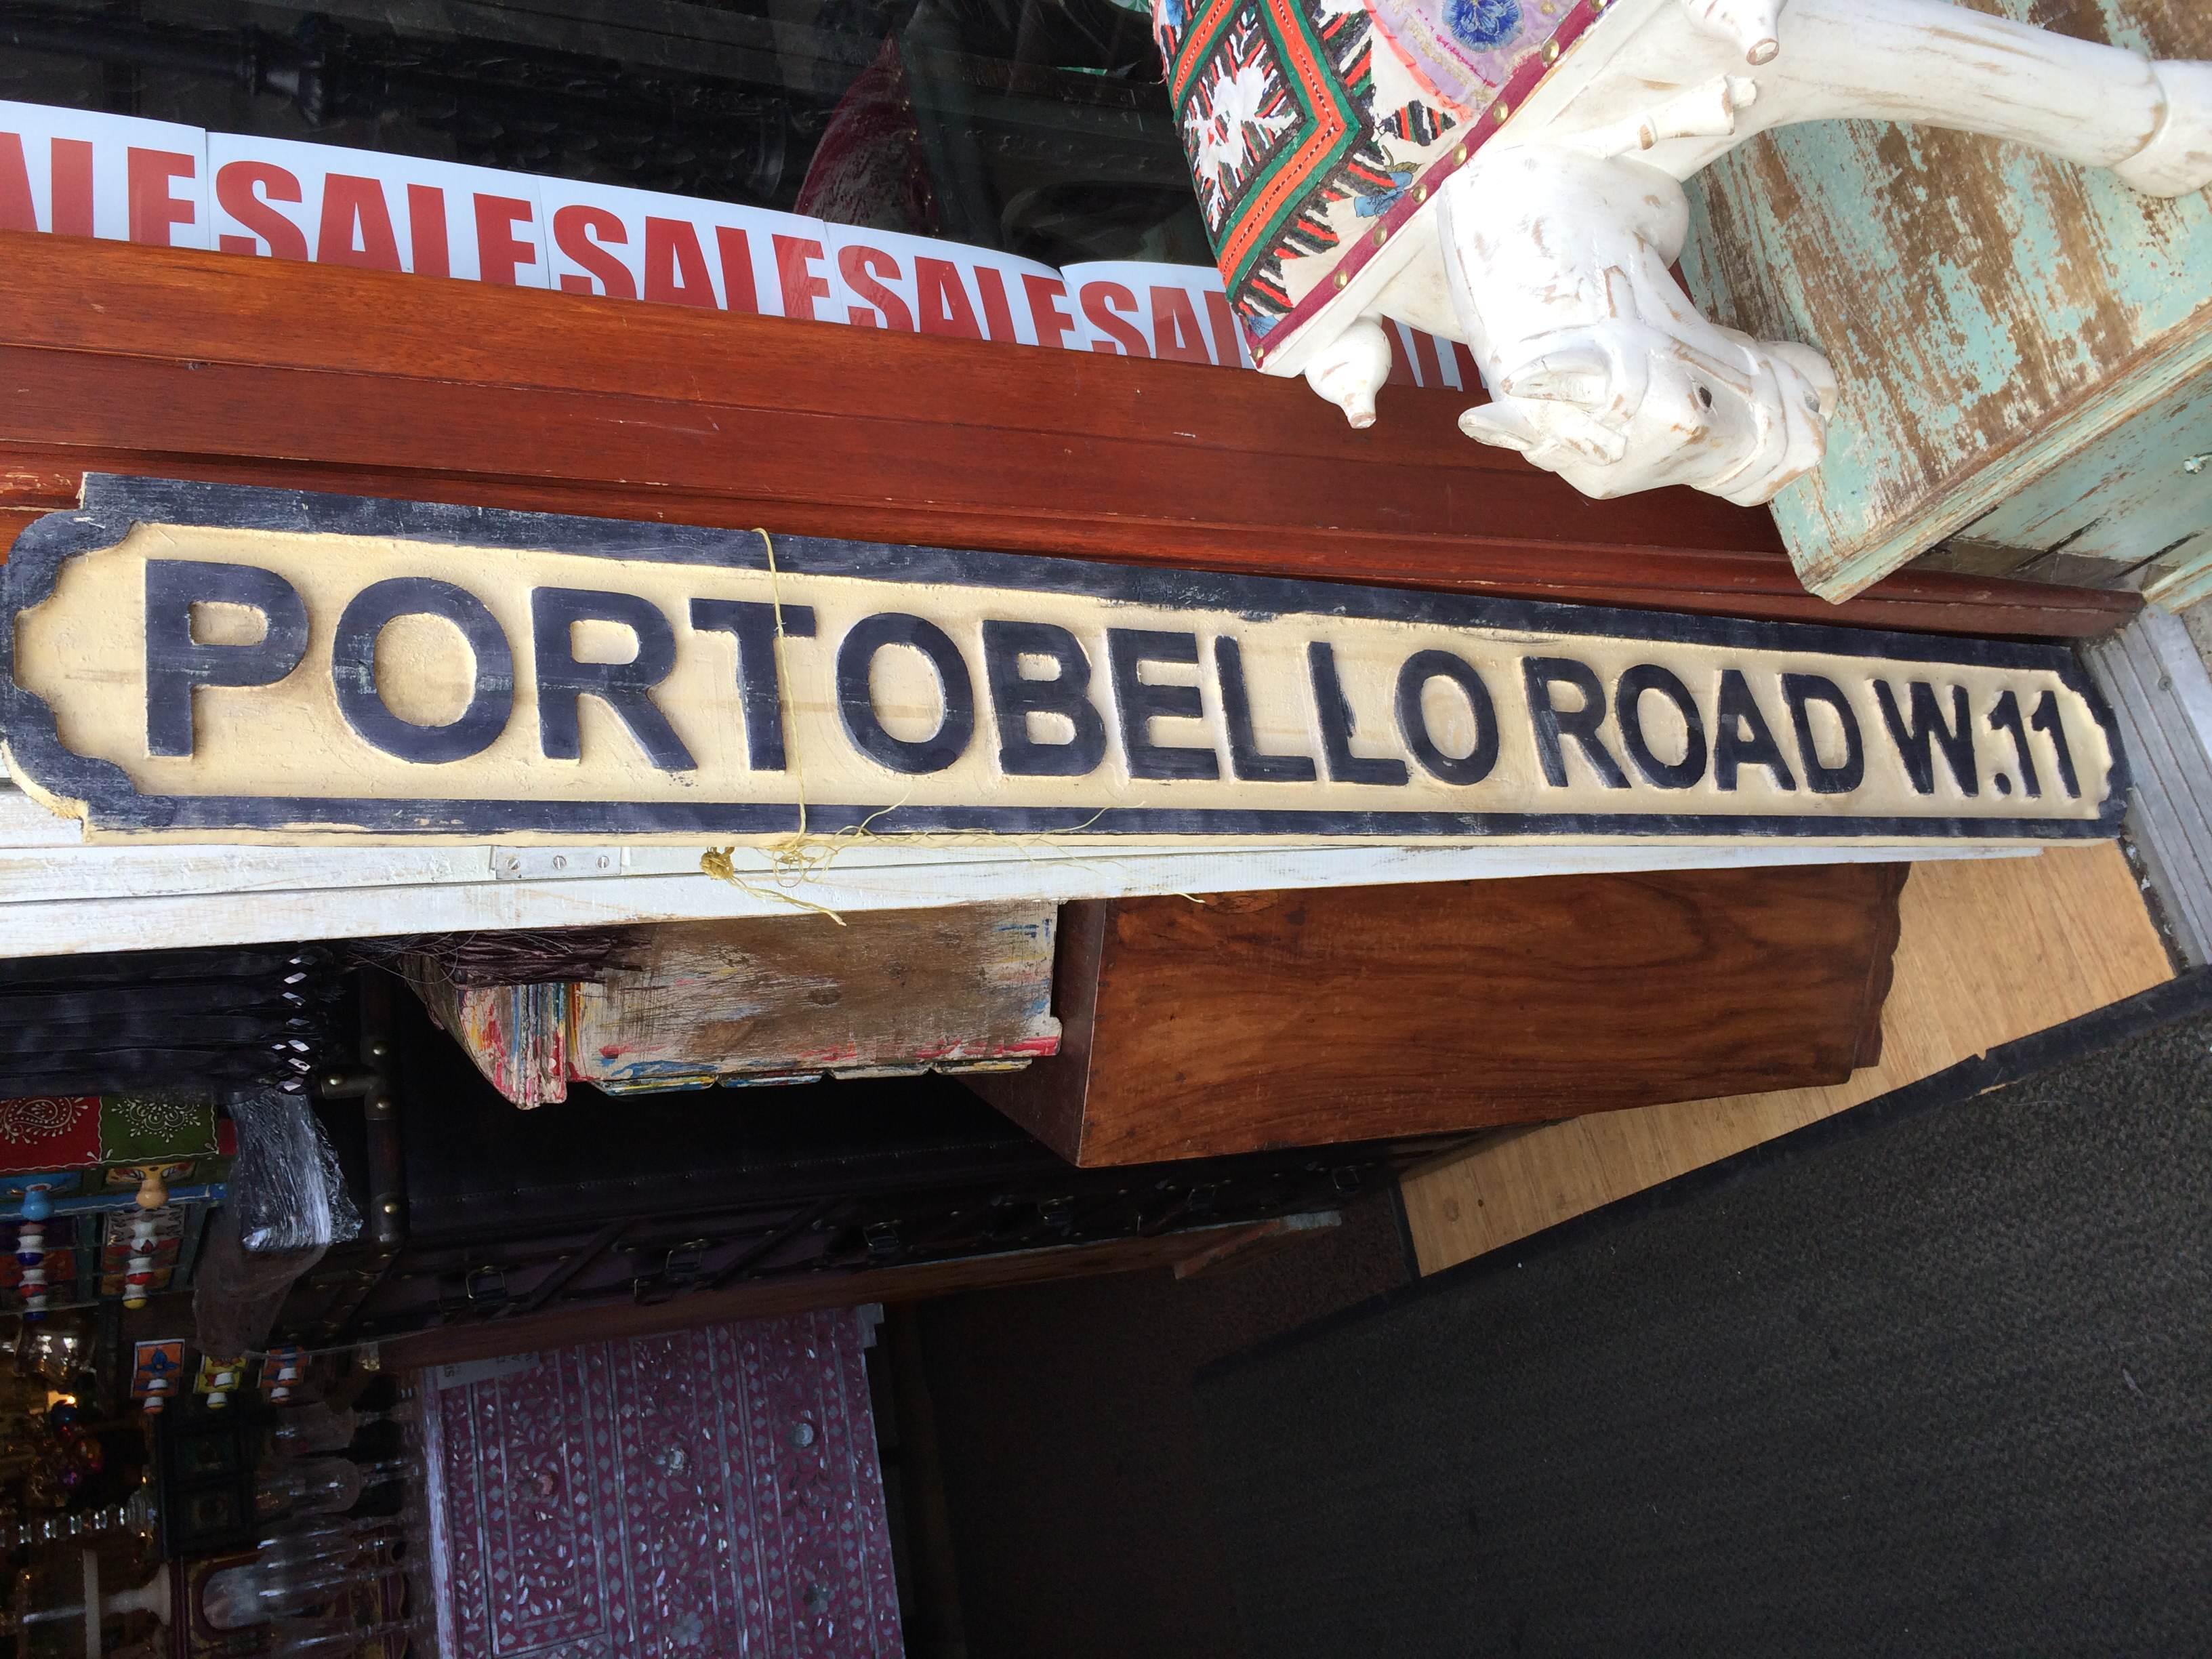 Mercadillo de portobello road el taller de lo antiguo - El taller de lo antiguo ...